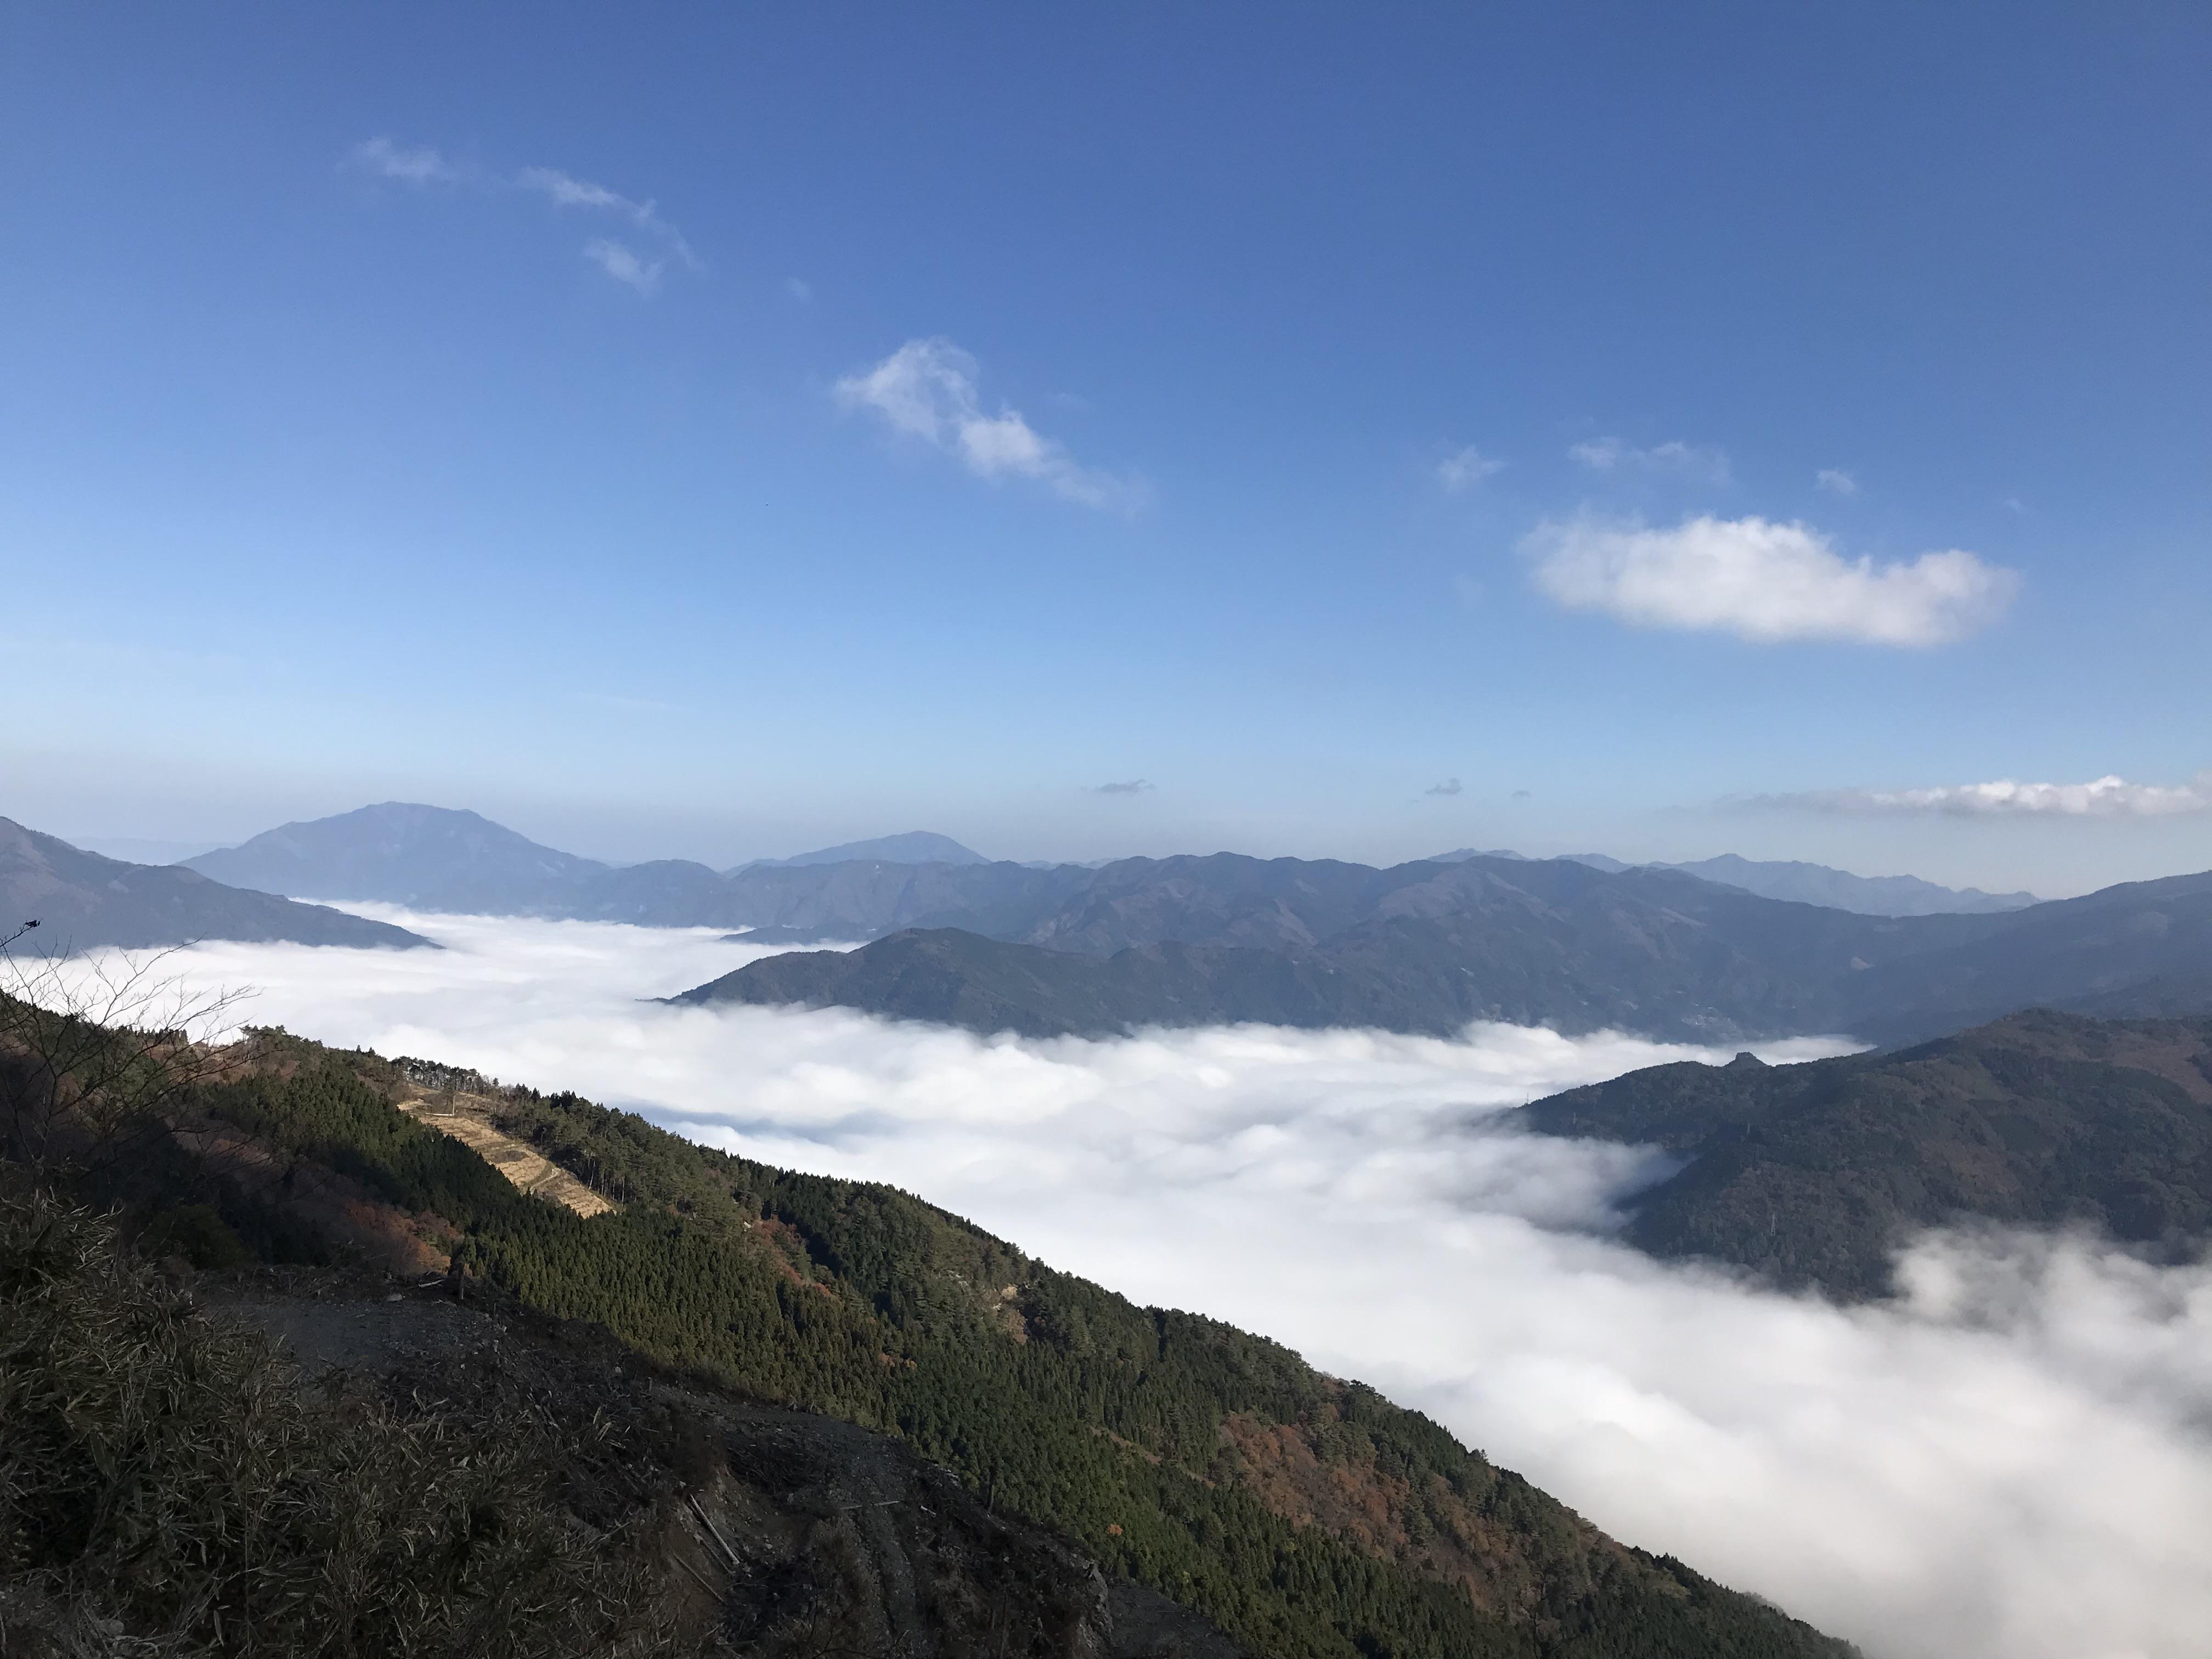 吉野川にかかる雲海